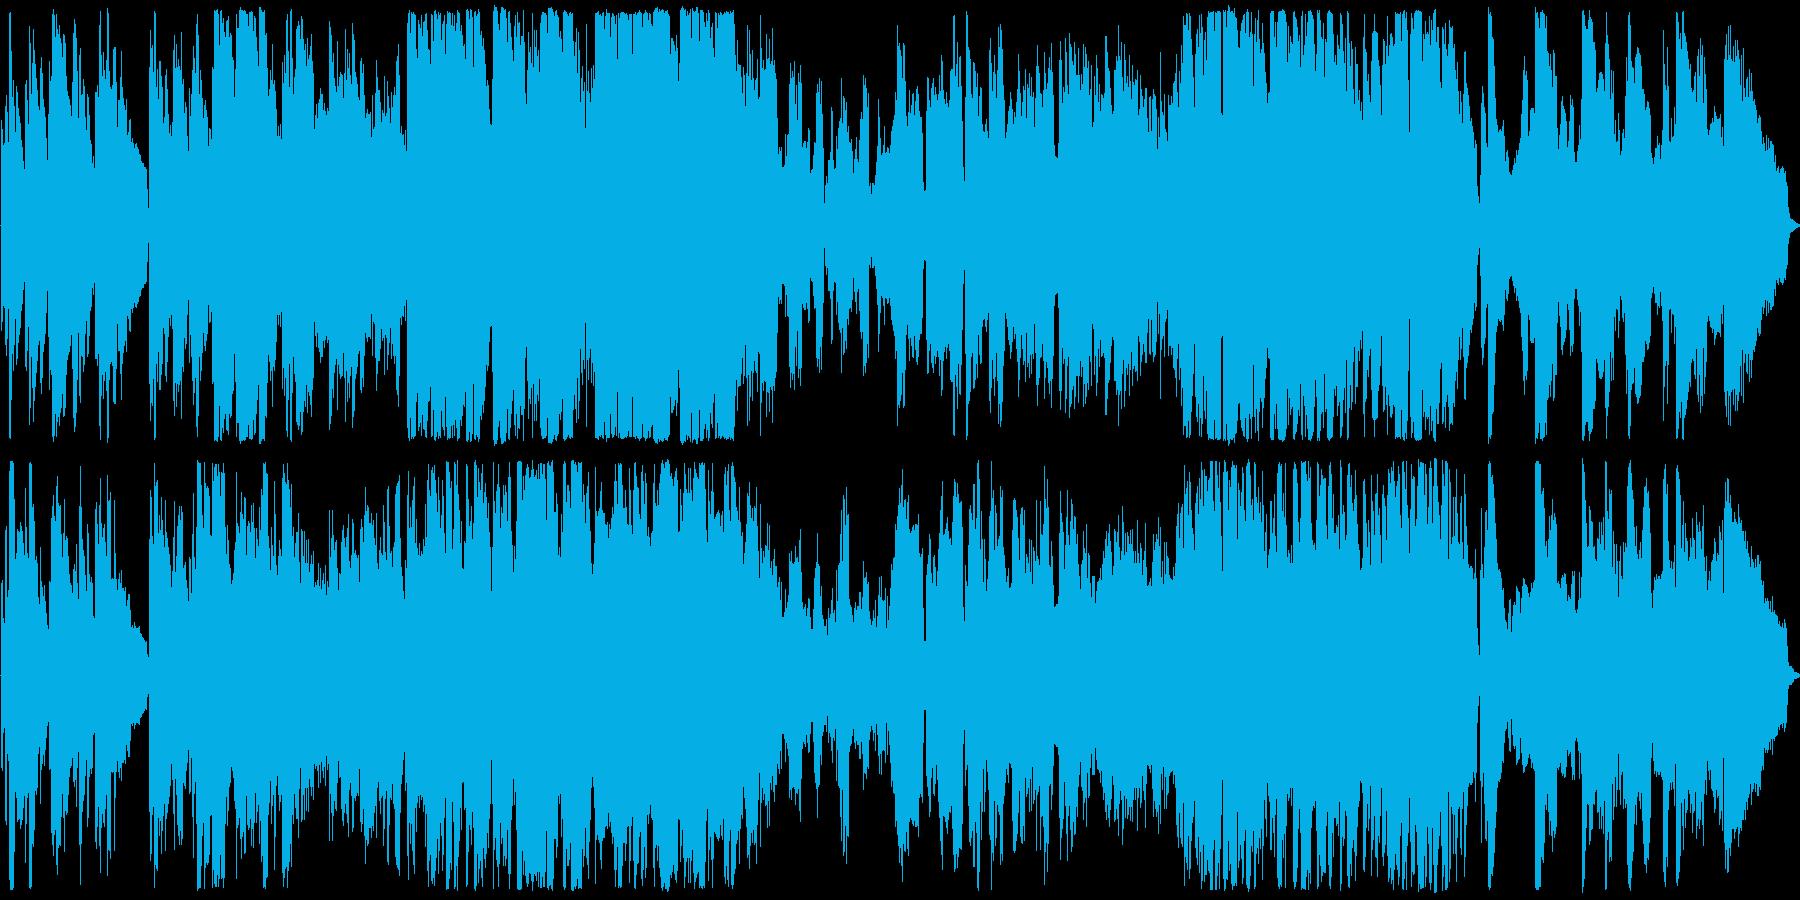 穏やかな時間が流れを感じる映像向けの曲の再生済みの波形